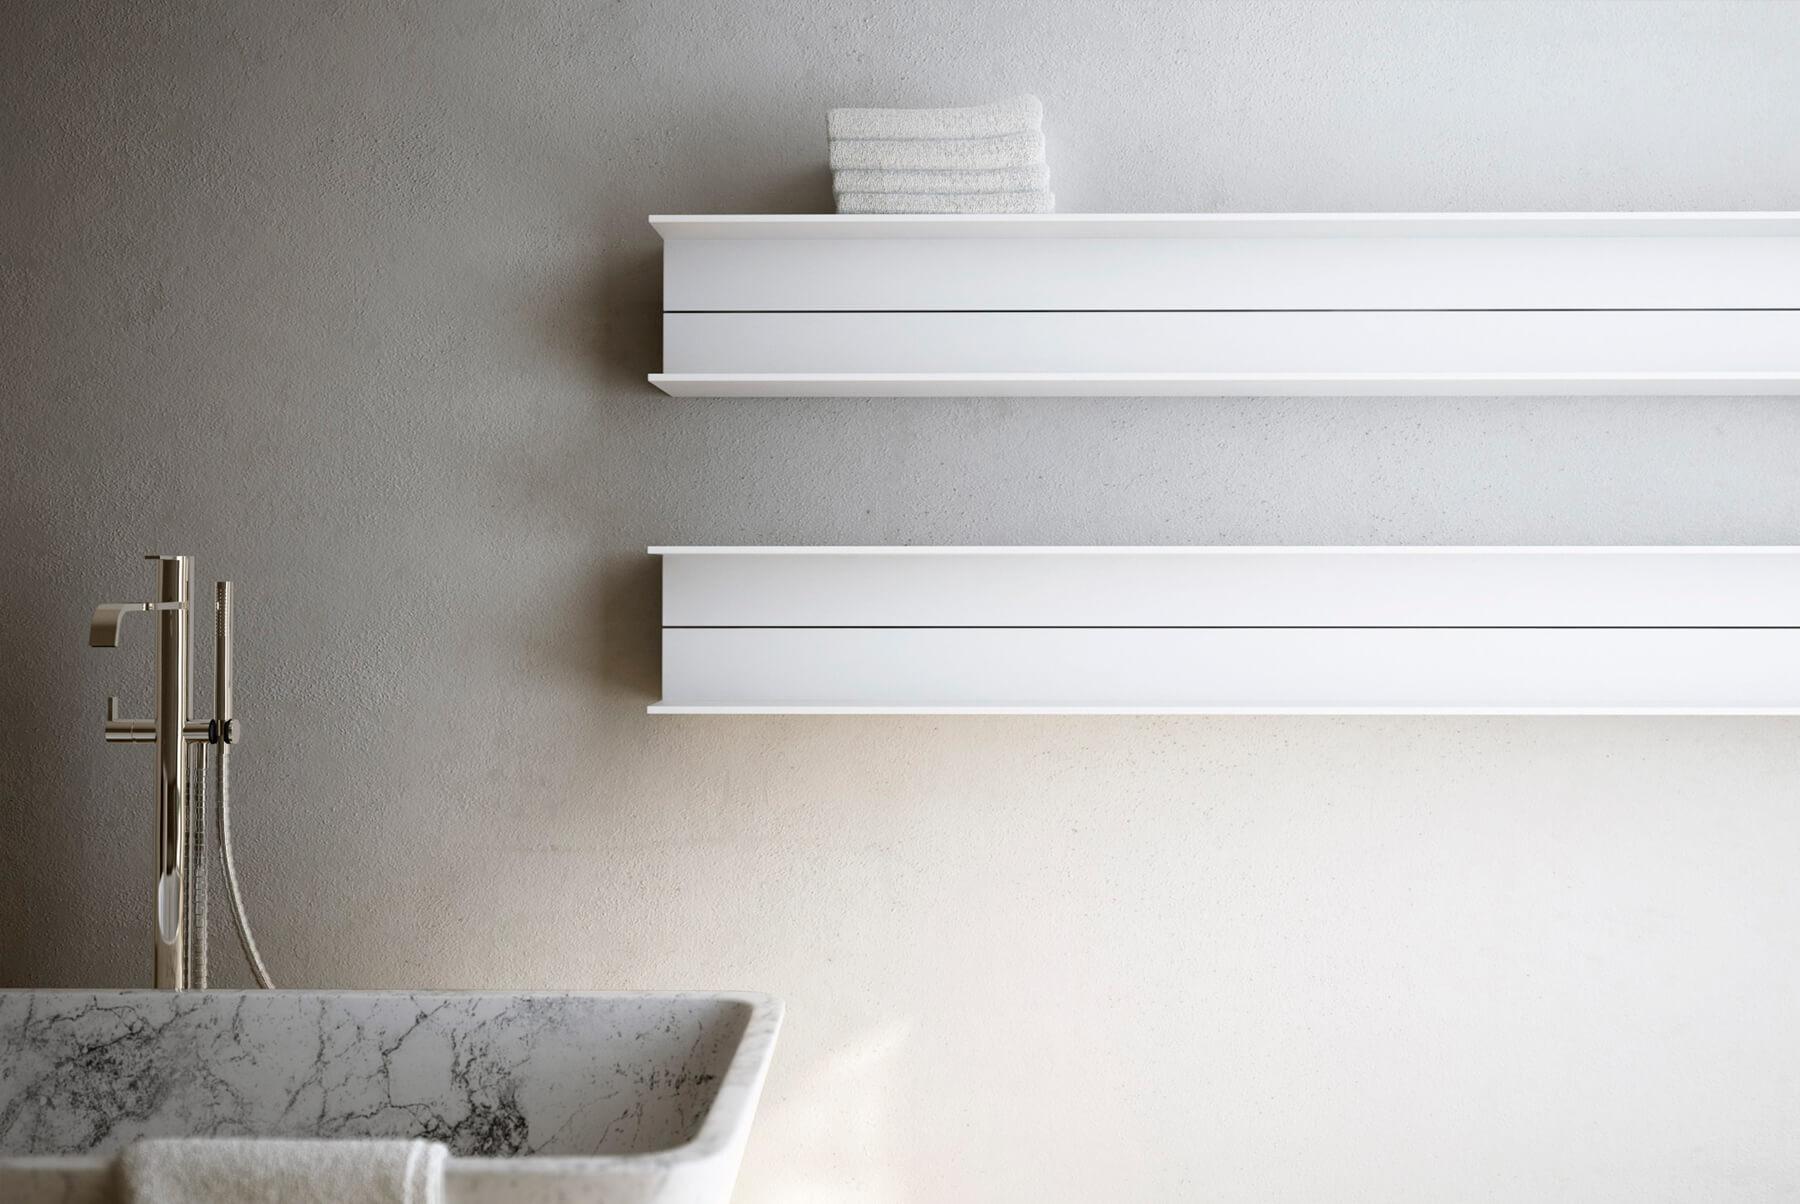 Radiators-&-Towel-Warmers-Antrax-T-Series-Inset-5-1800x1204